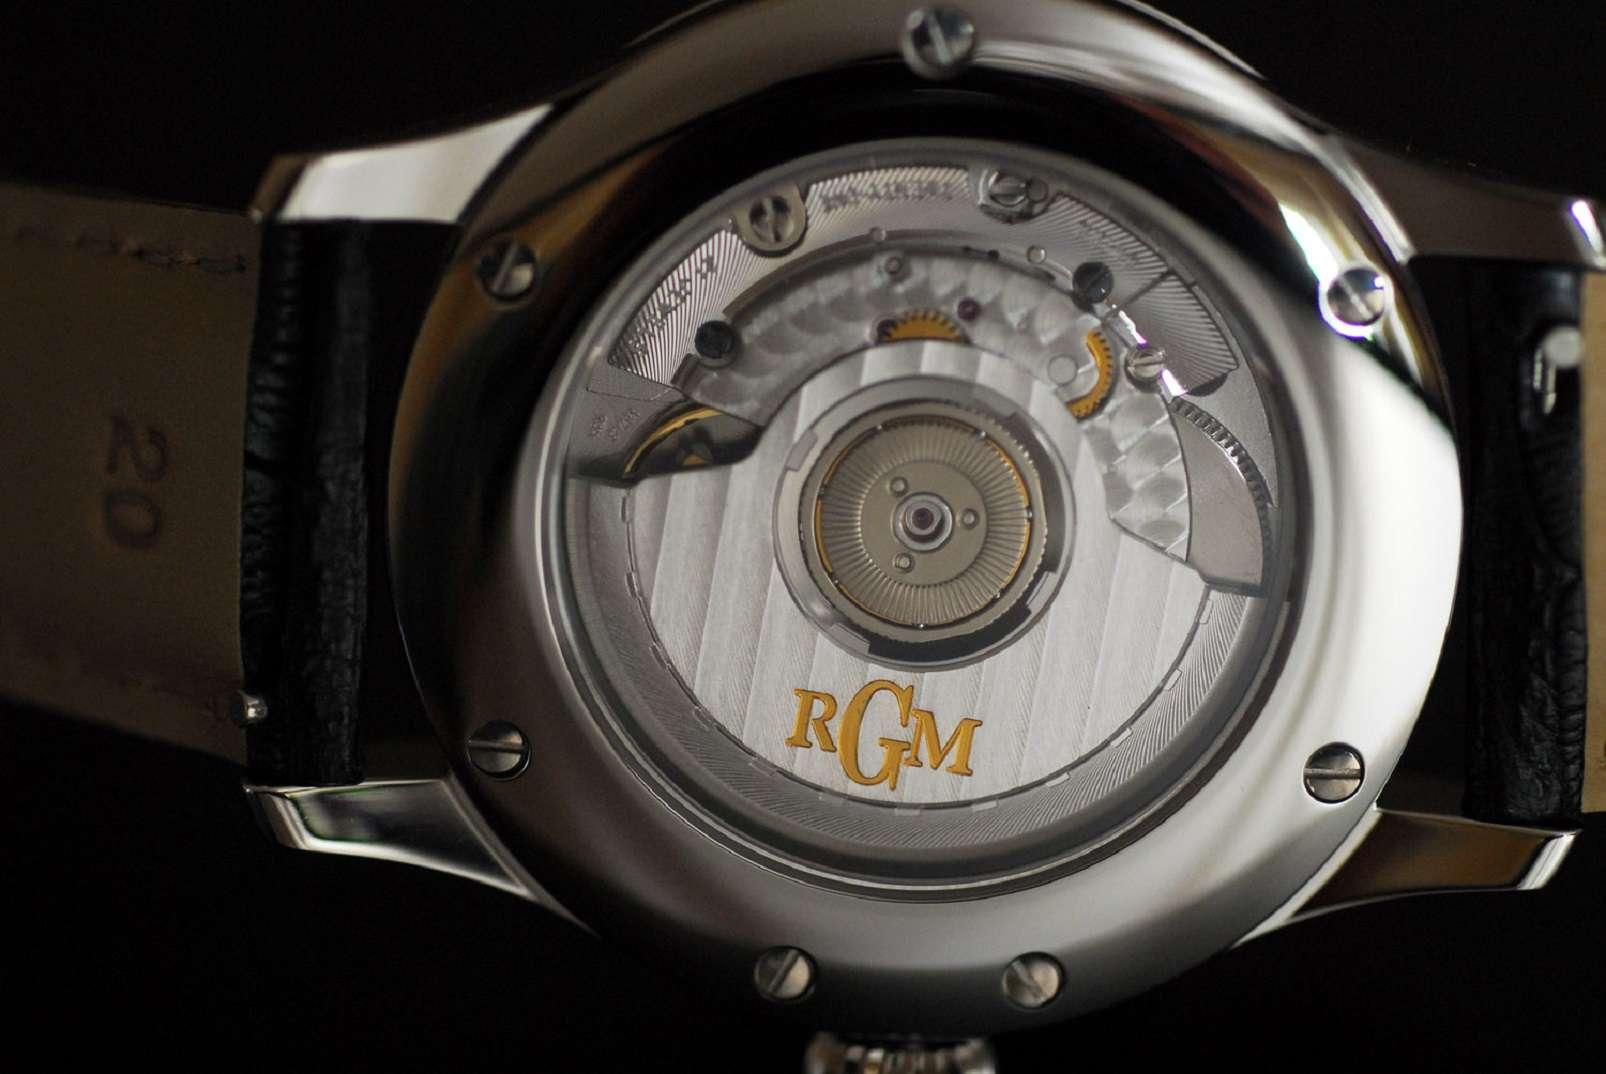 RGM Timezone Big Date caseback